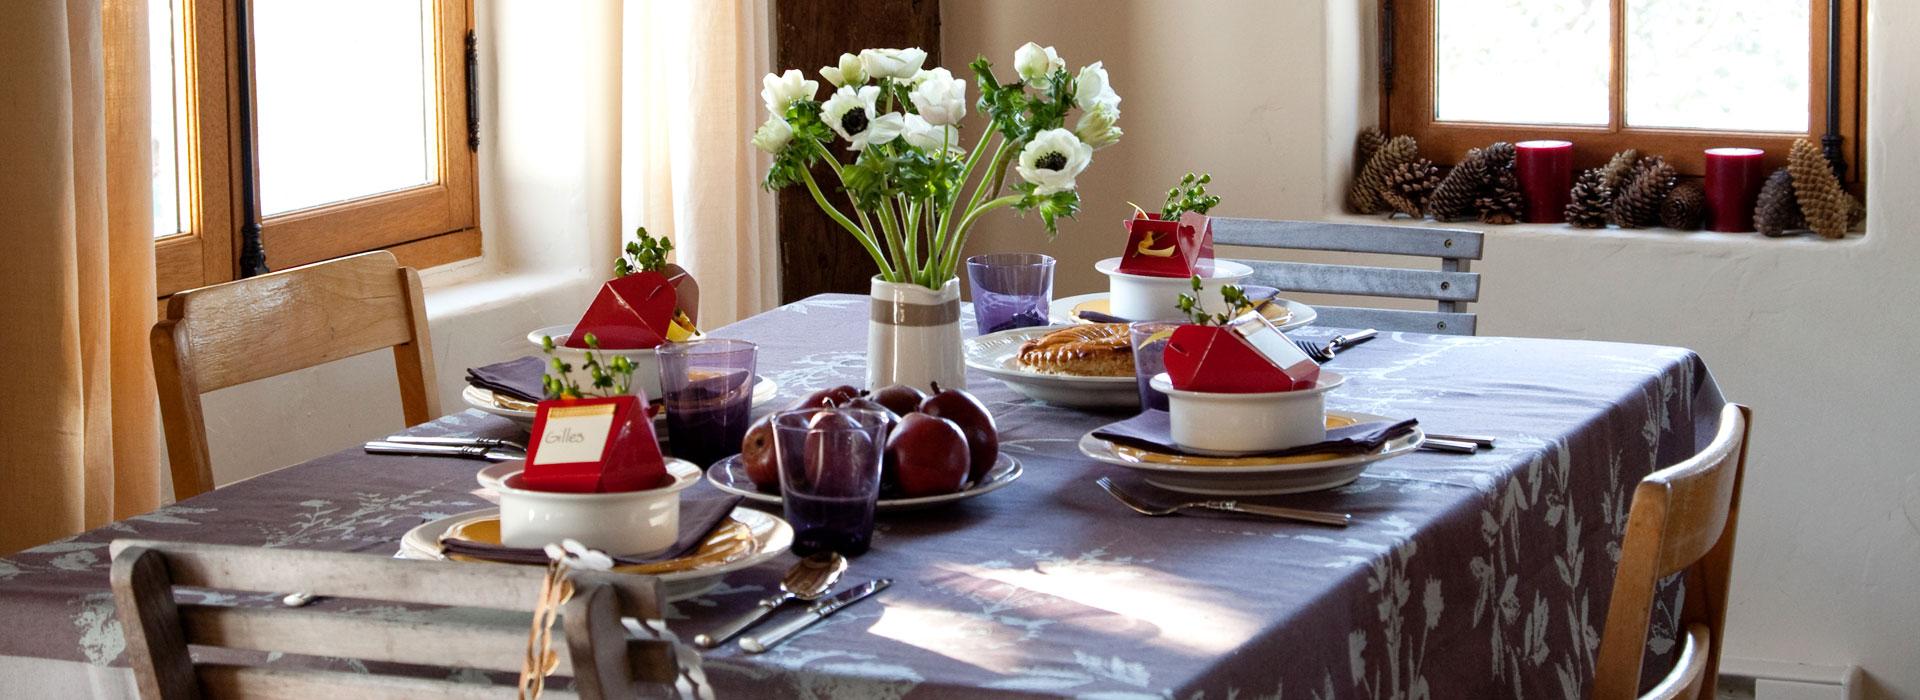 Galerie de maisons table à manger